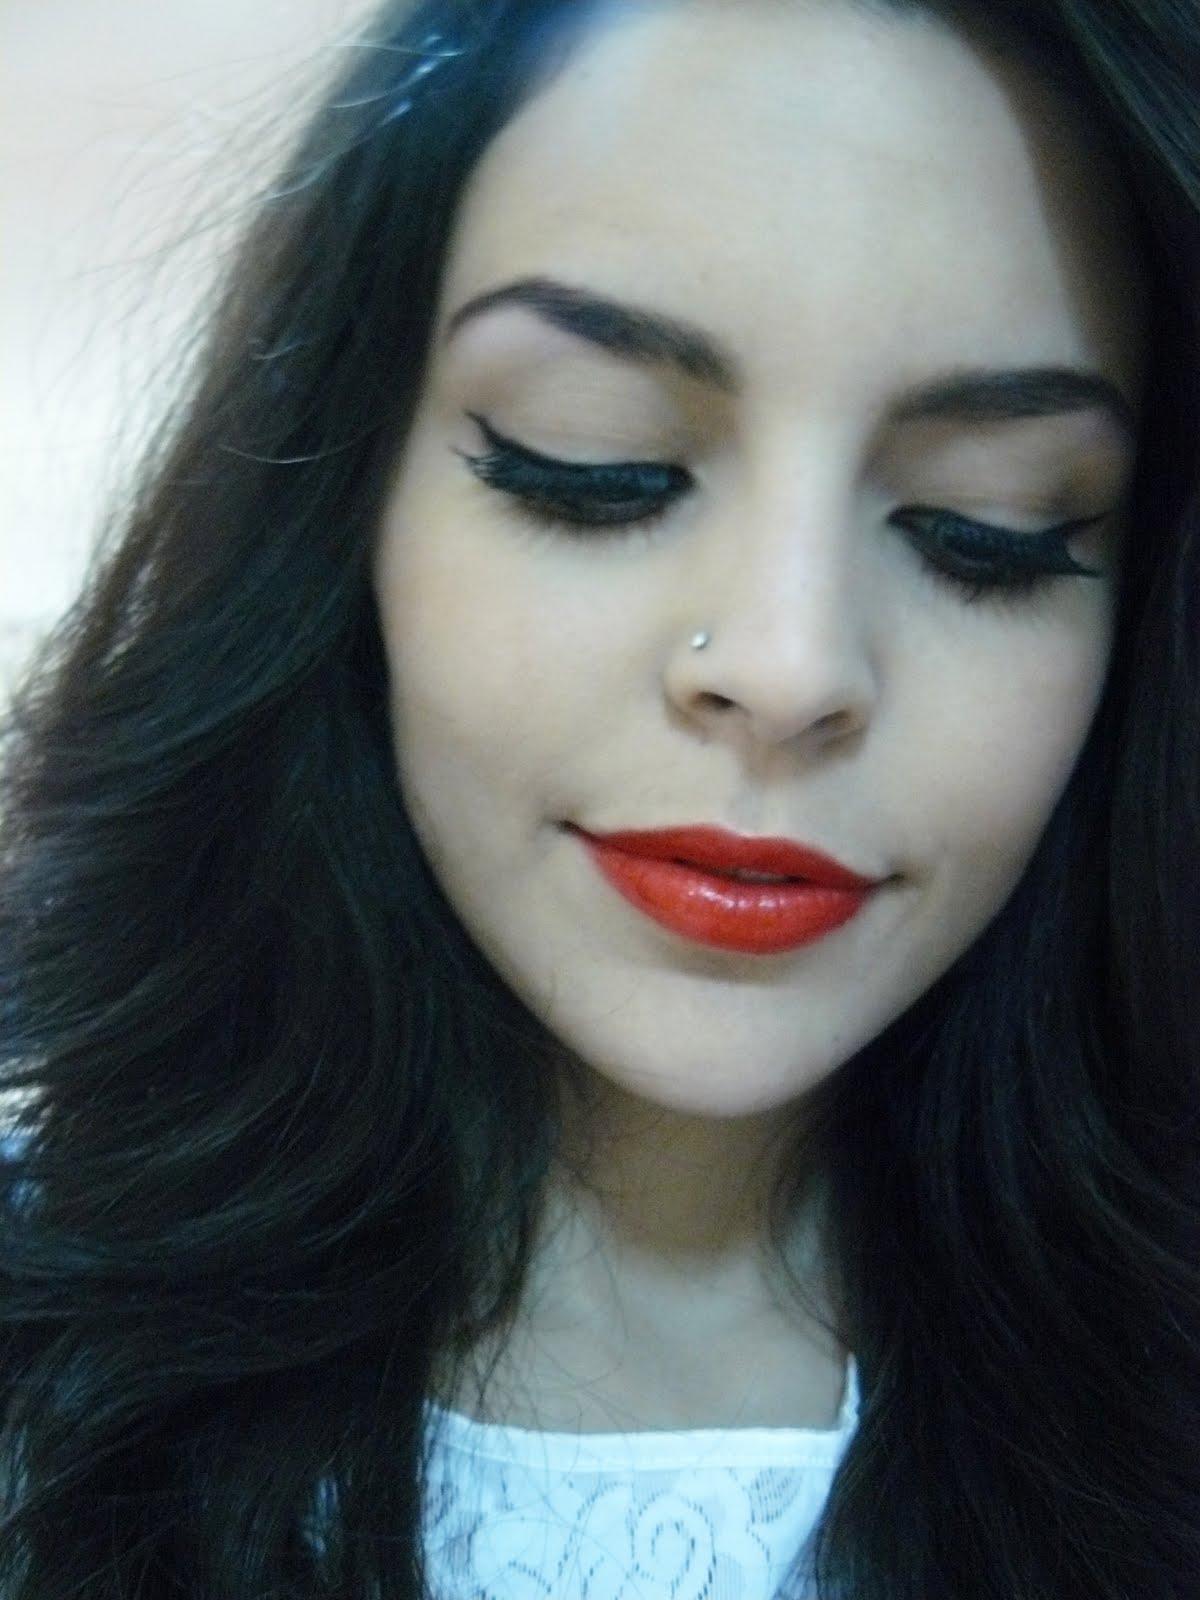 Azumakeup maquillaje pin up - Maquillage pin up ...